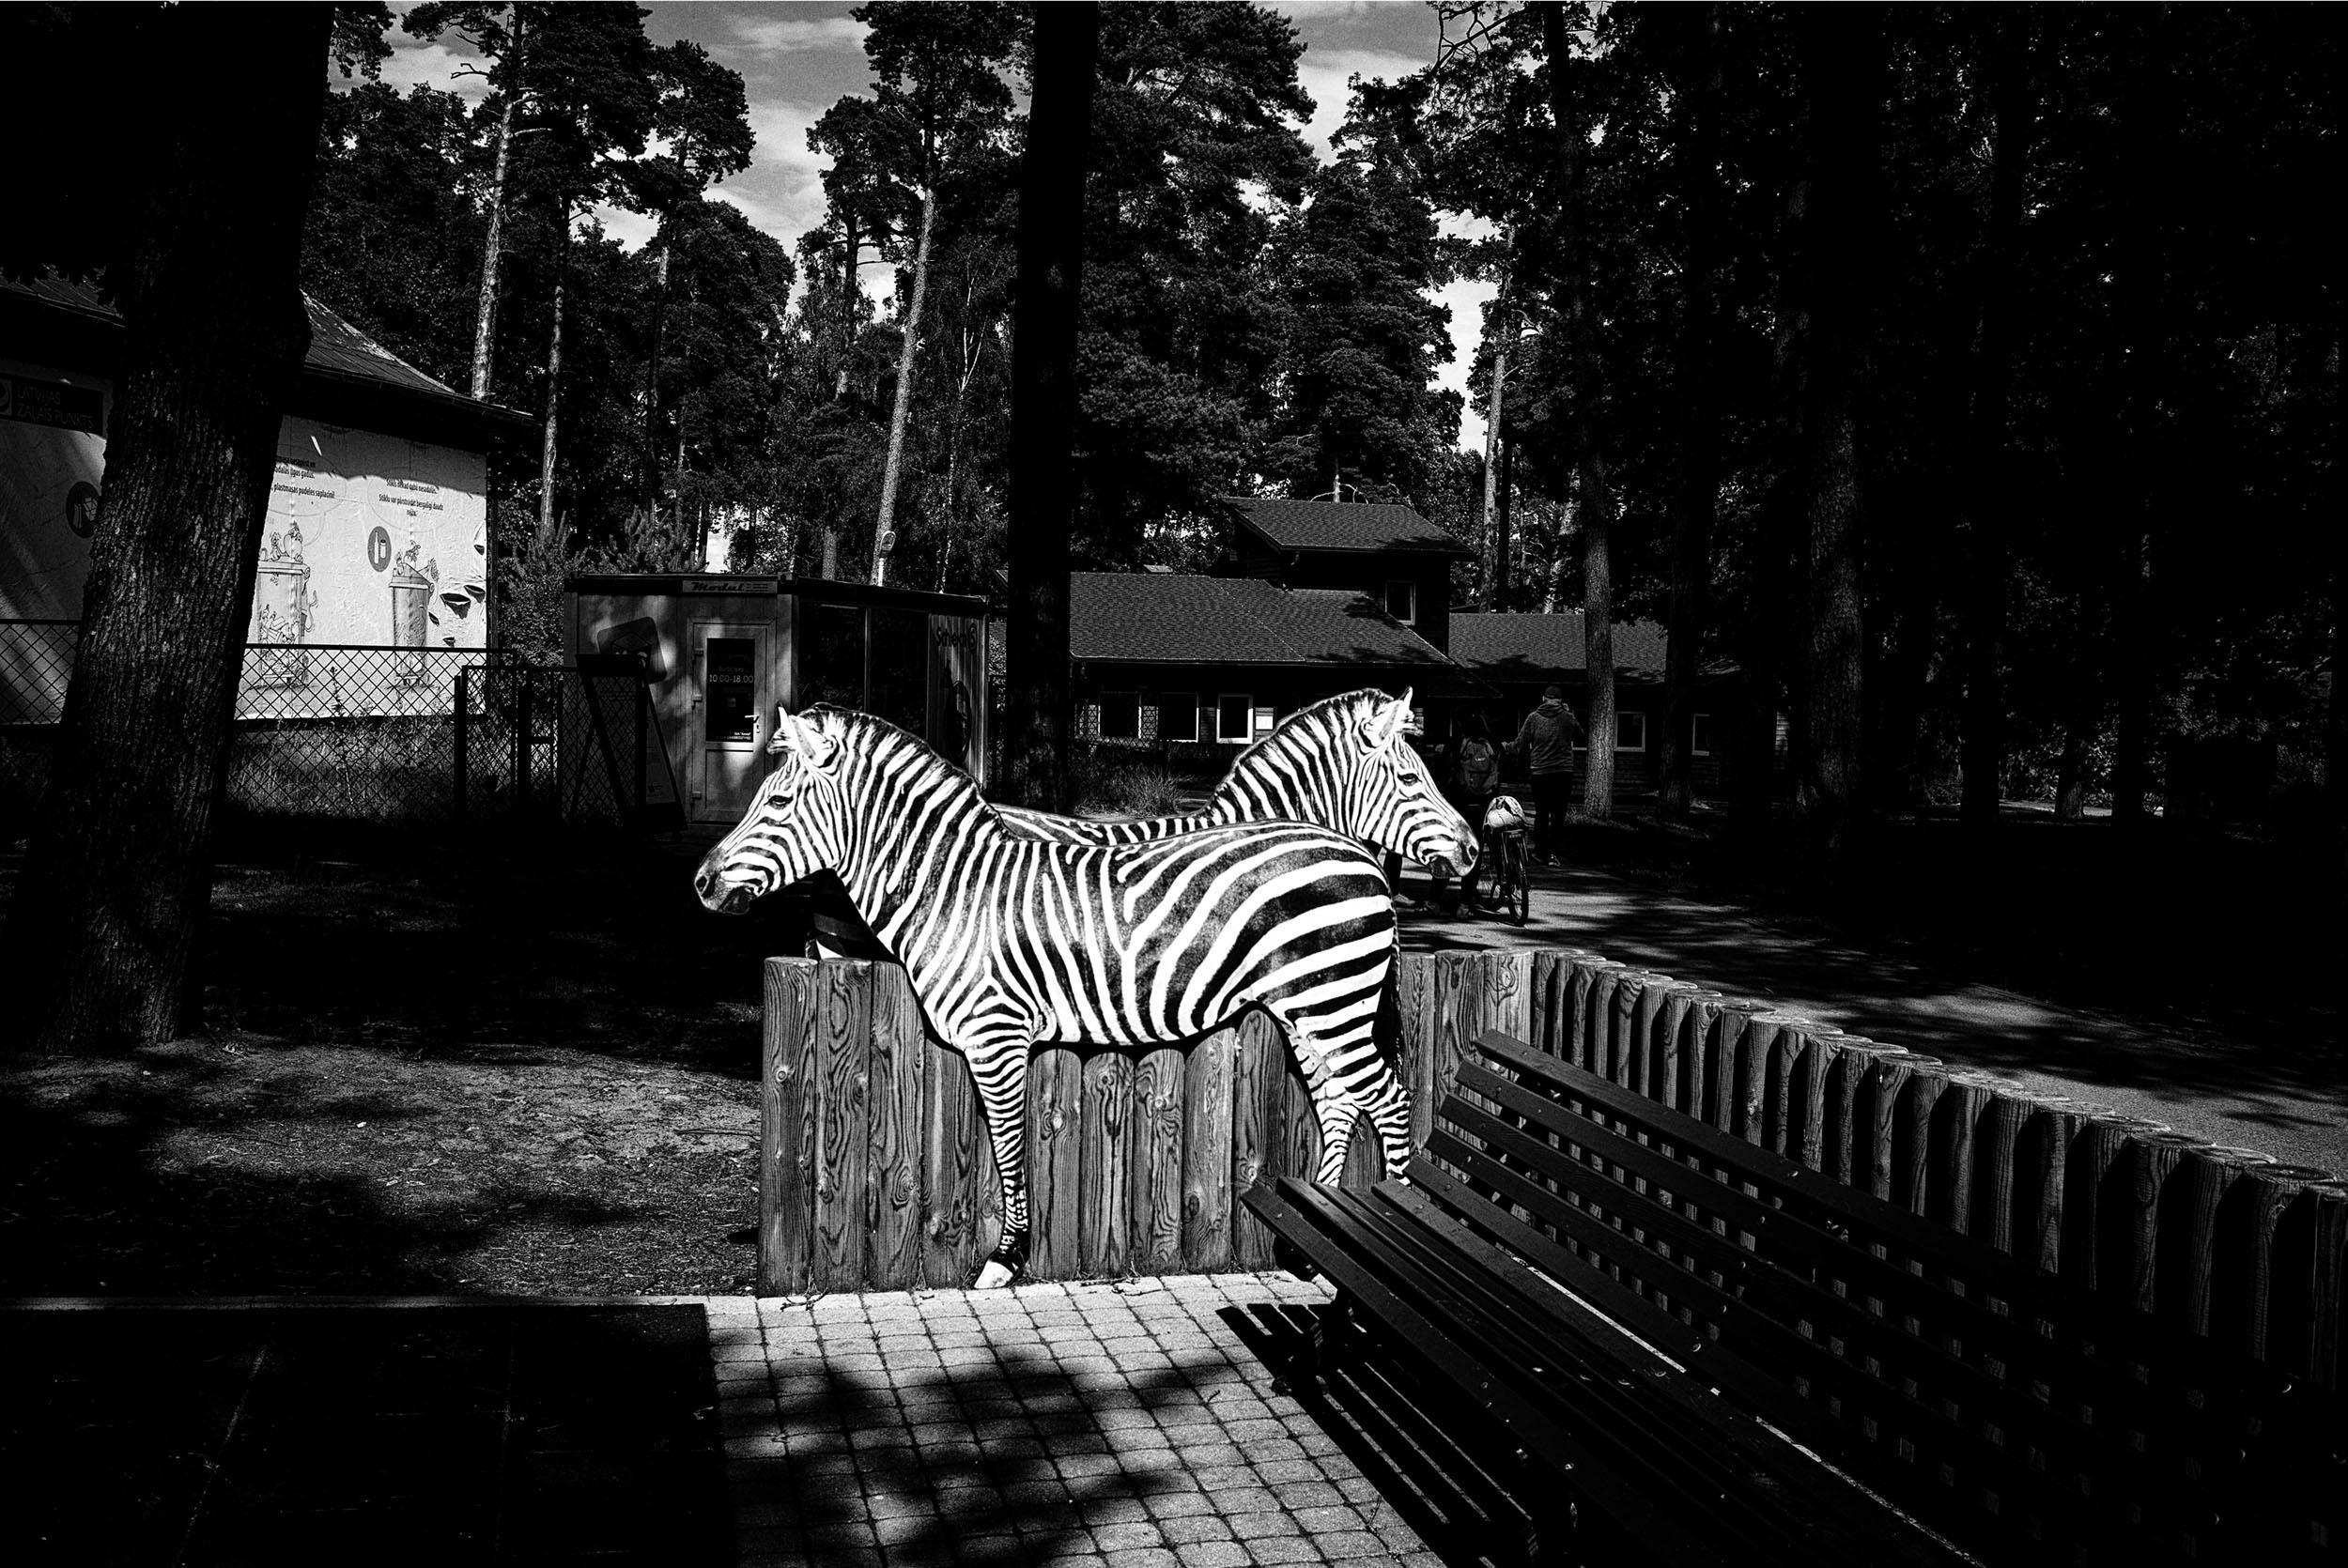 ALD03JUL19-5677-zoo-zebras2500pix.jpg